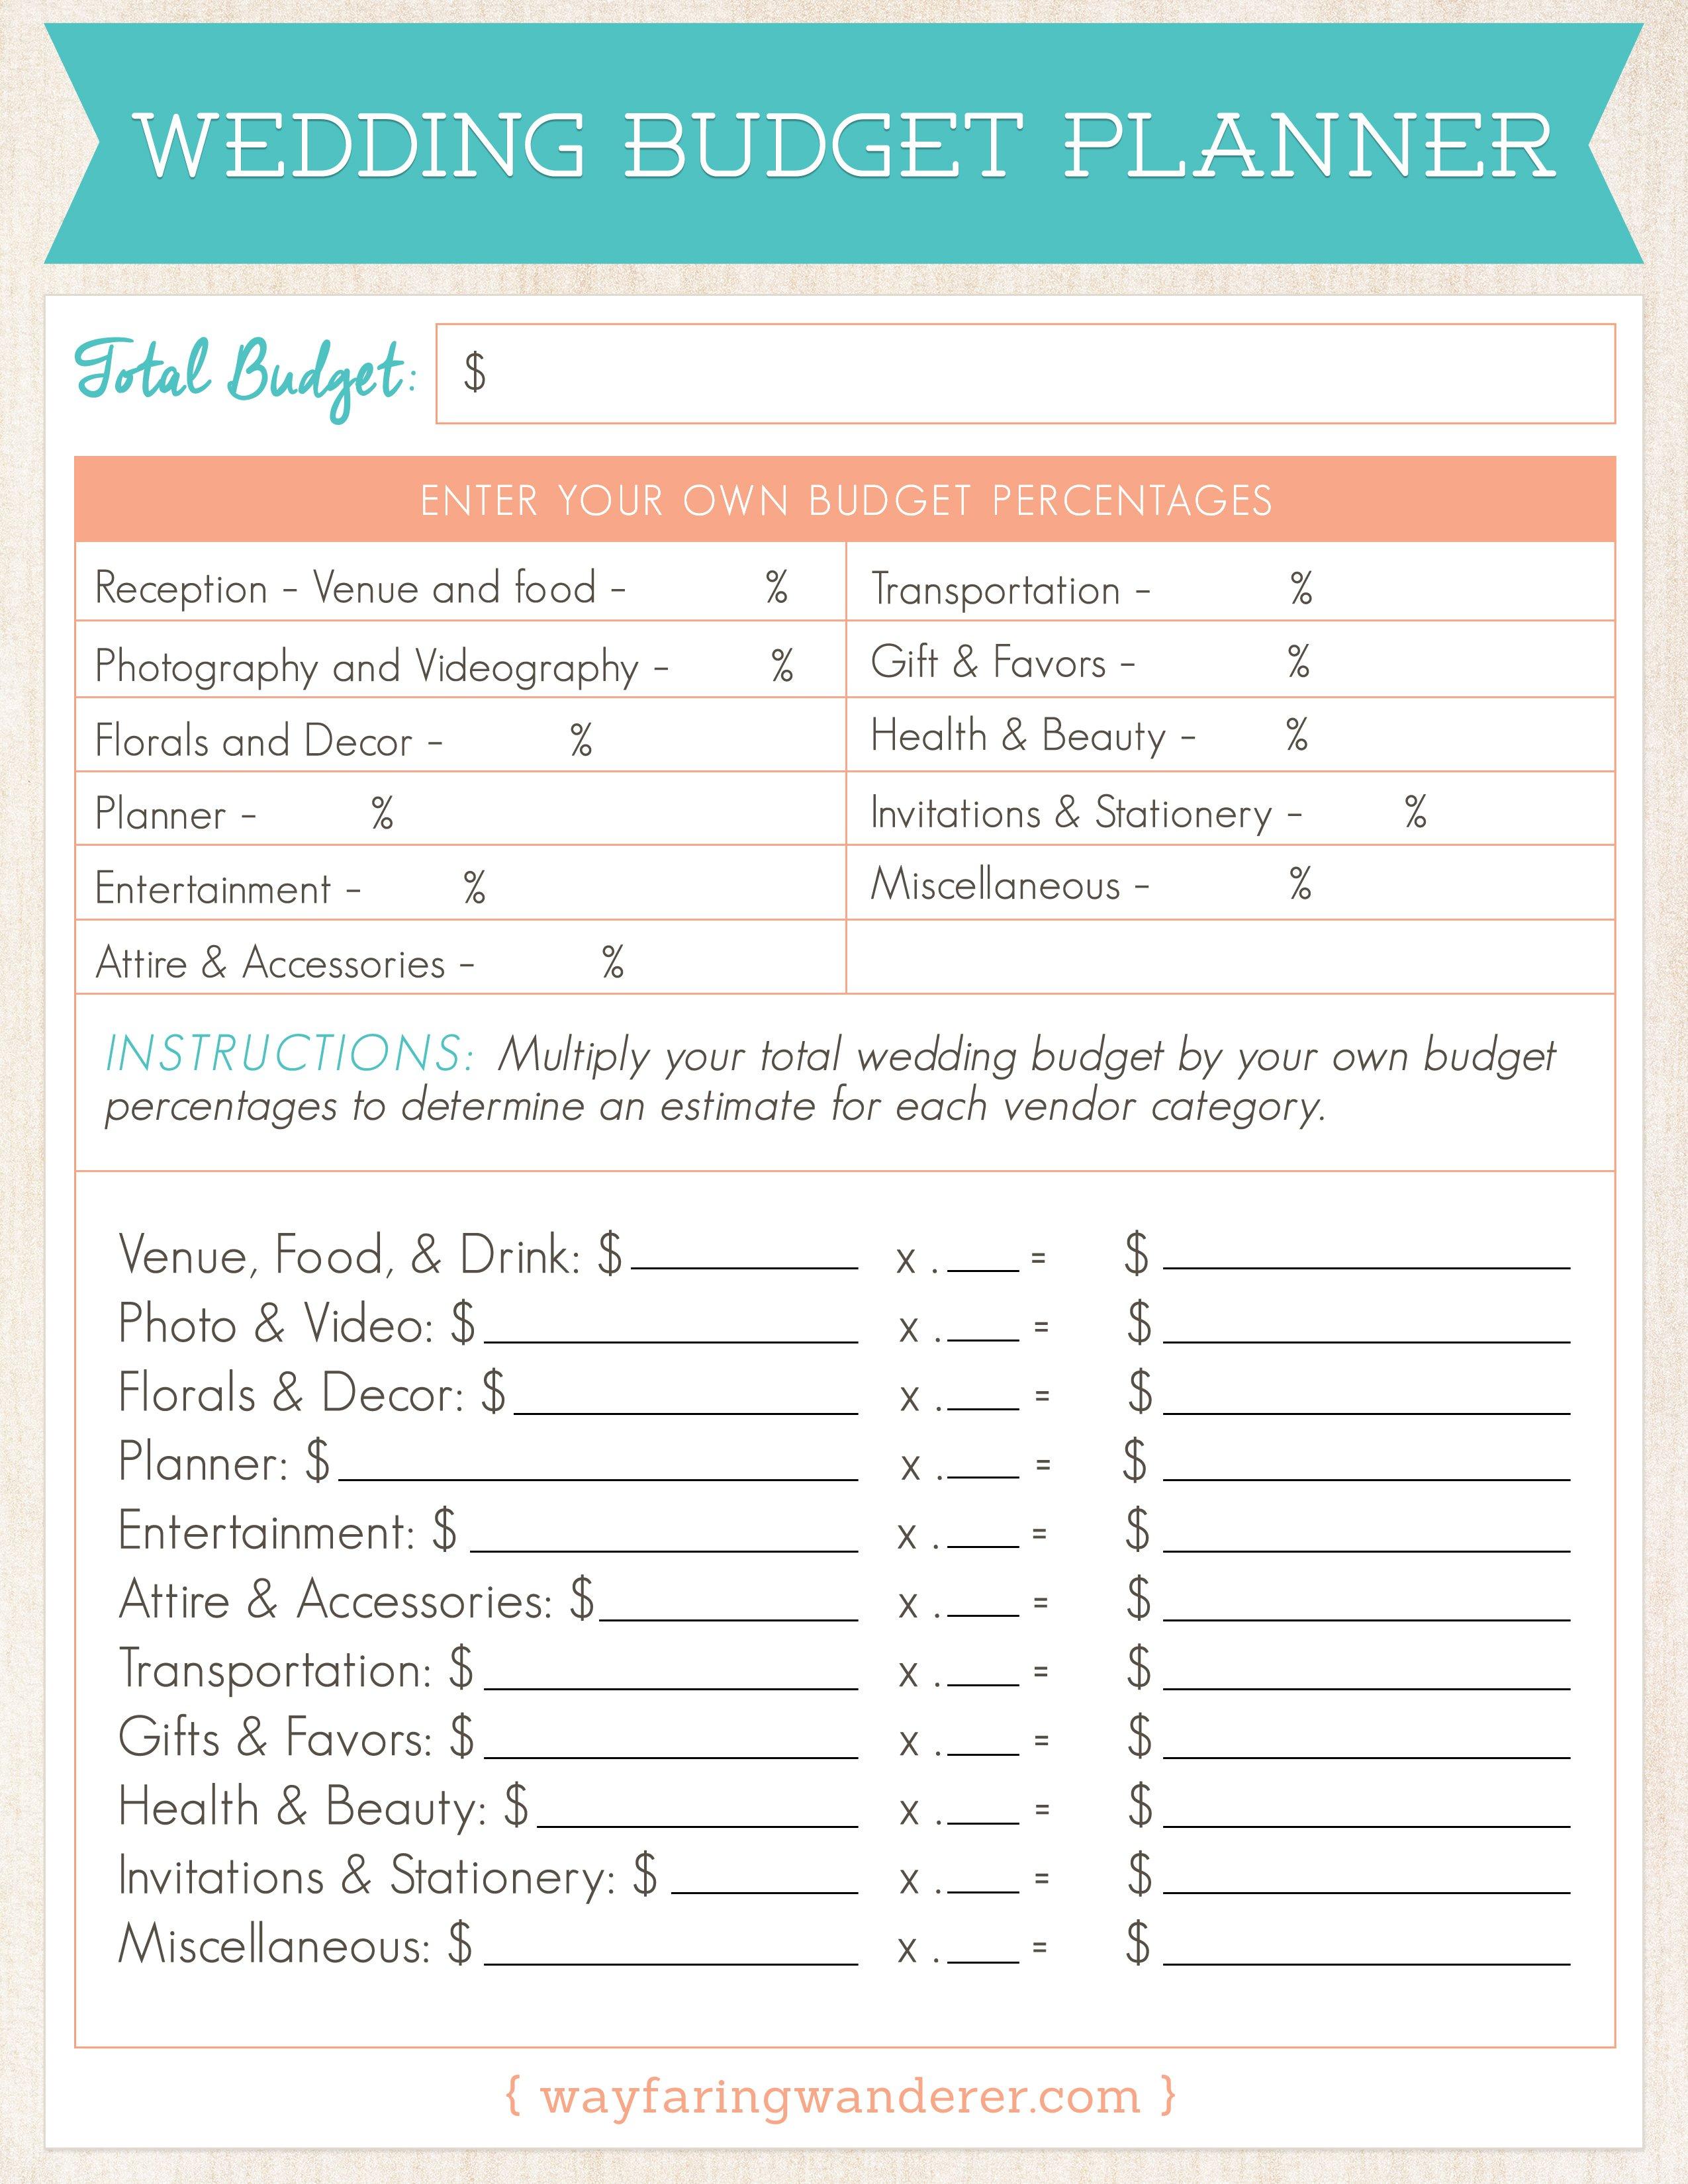 Wedding Planning Budget Worksheet  Wayfaring Wanderer Boone Nc Or Wedding Budget Worksheet